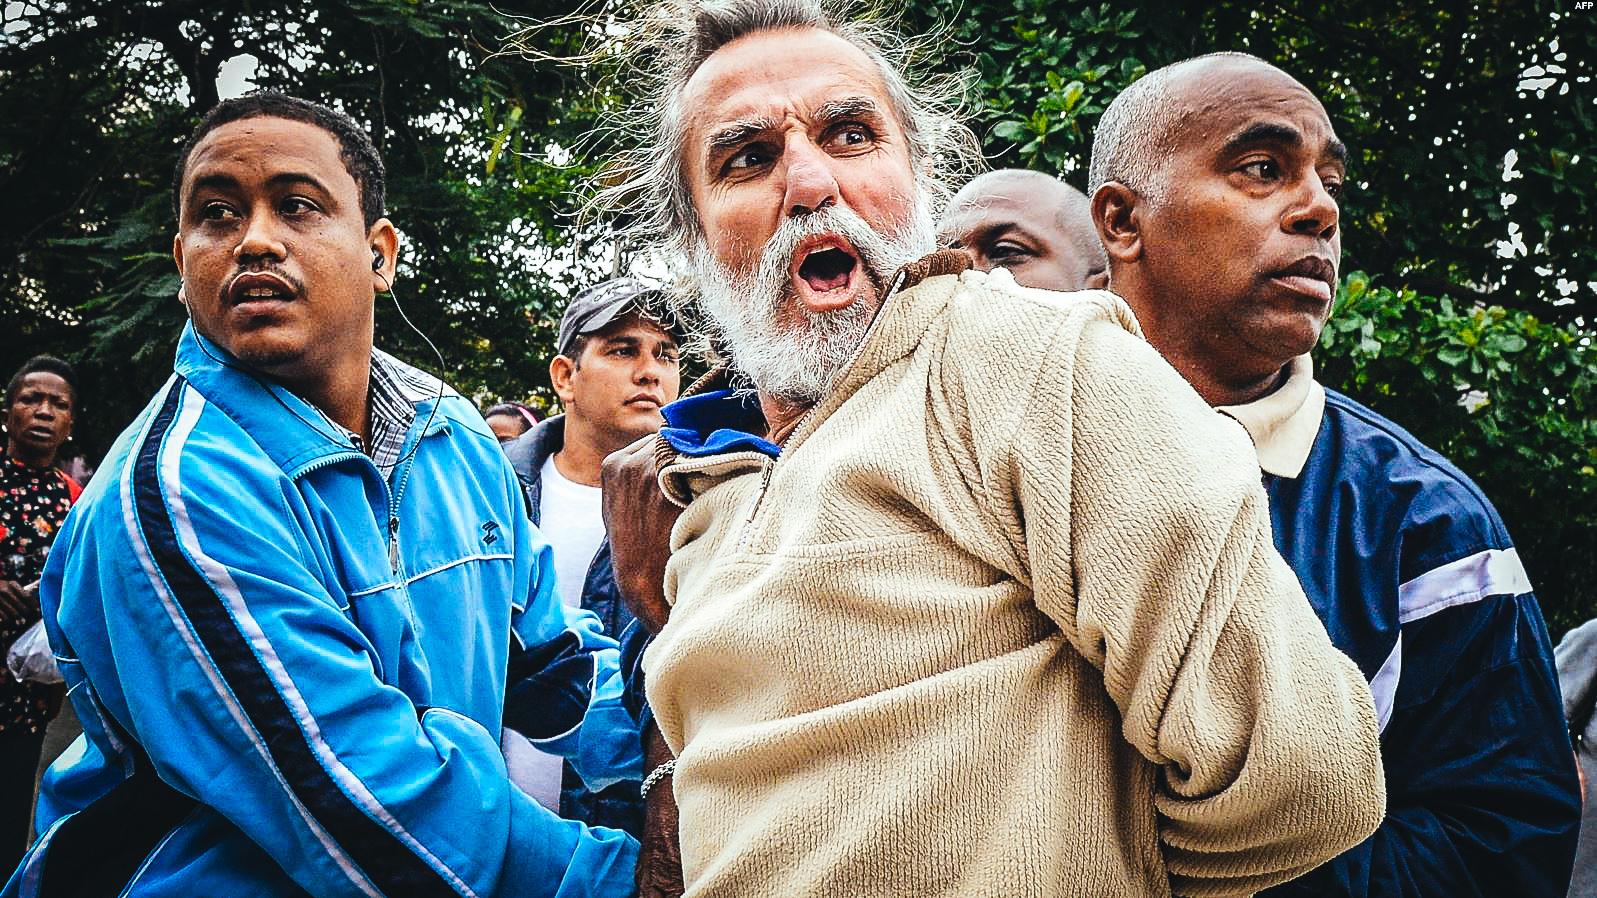 El periodista independiente Agustín López arrestado en La Habana en el Día de los Derechos Humanos en 10 de diciembre de 2014.